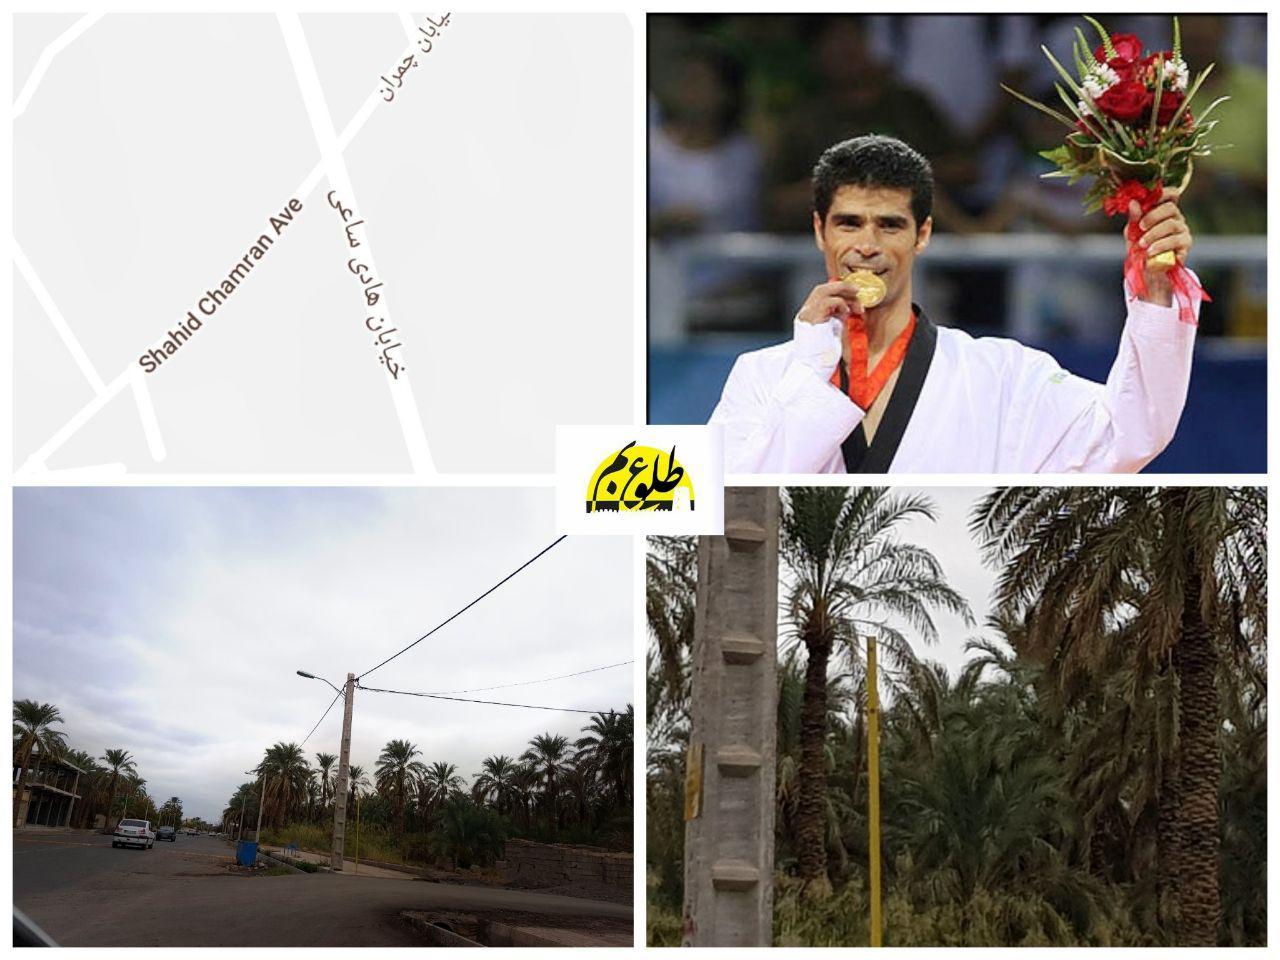 نام خیابان هادی ساعی بم تغییر میکند؟ / آیا ساعی مدالهای اهدایی خود به بم را پس گرفته؟